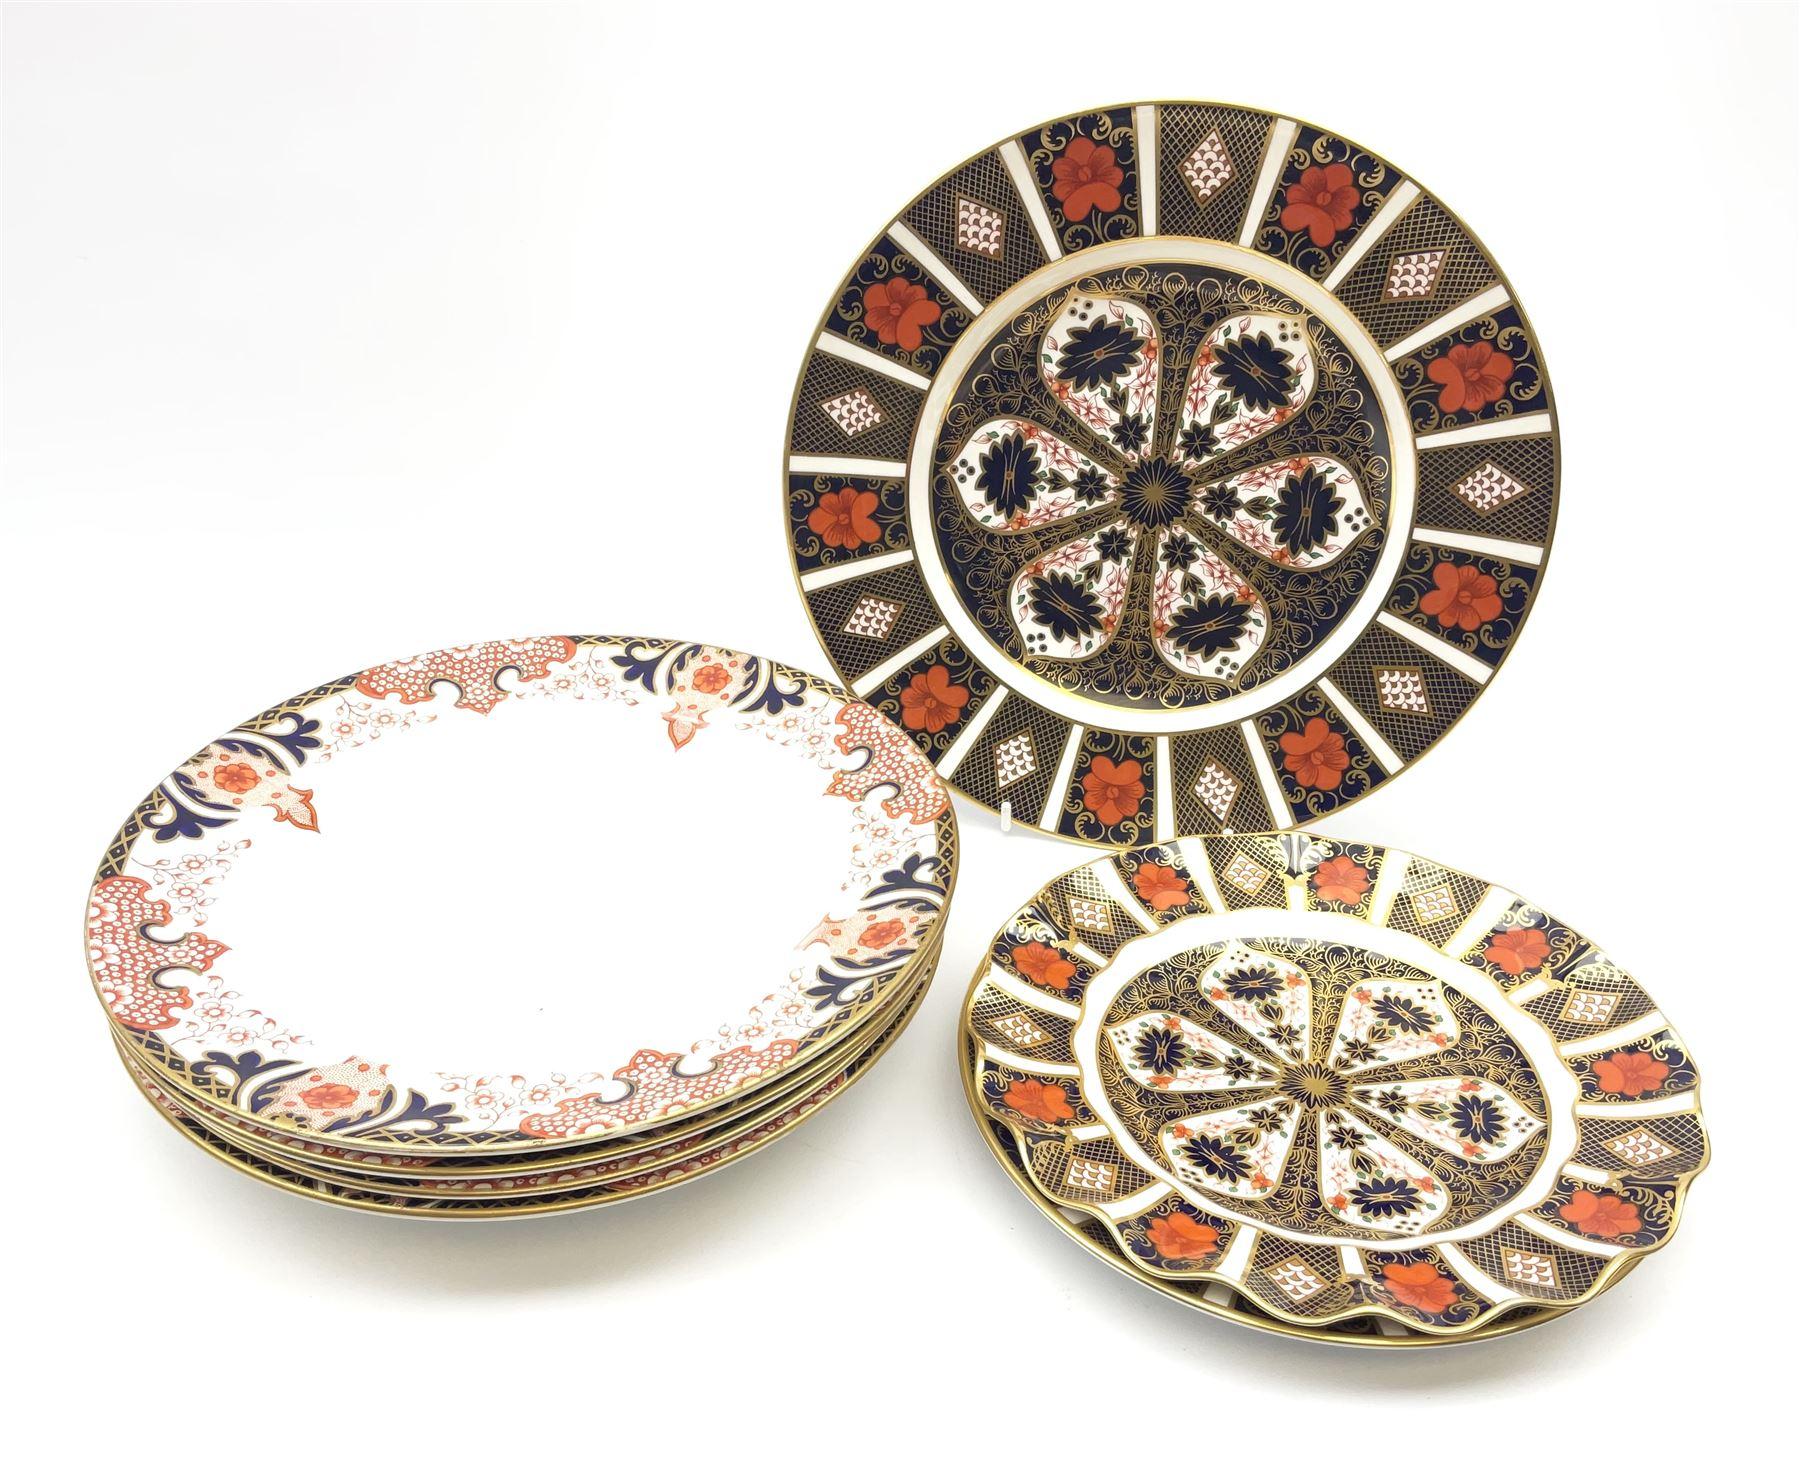 A Royal Crown Derby Imari 1128 pattern plate